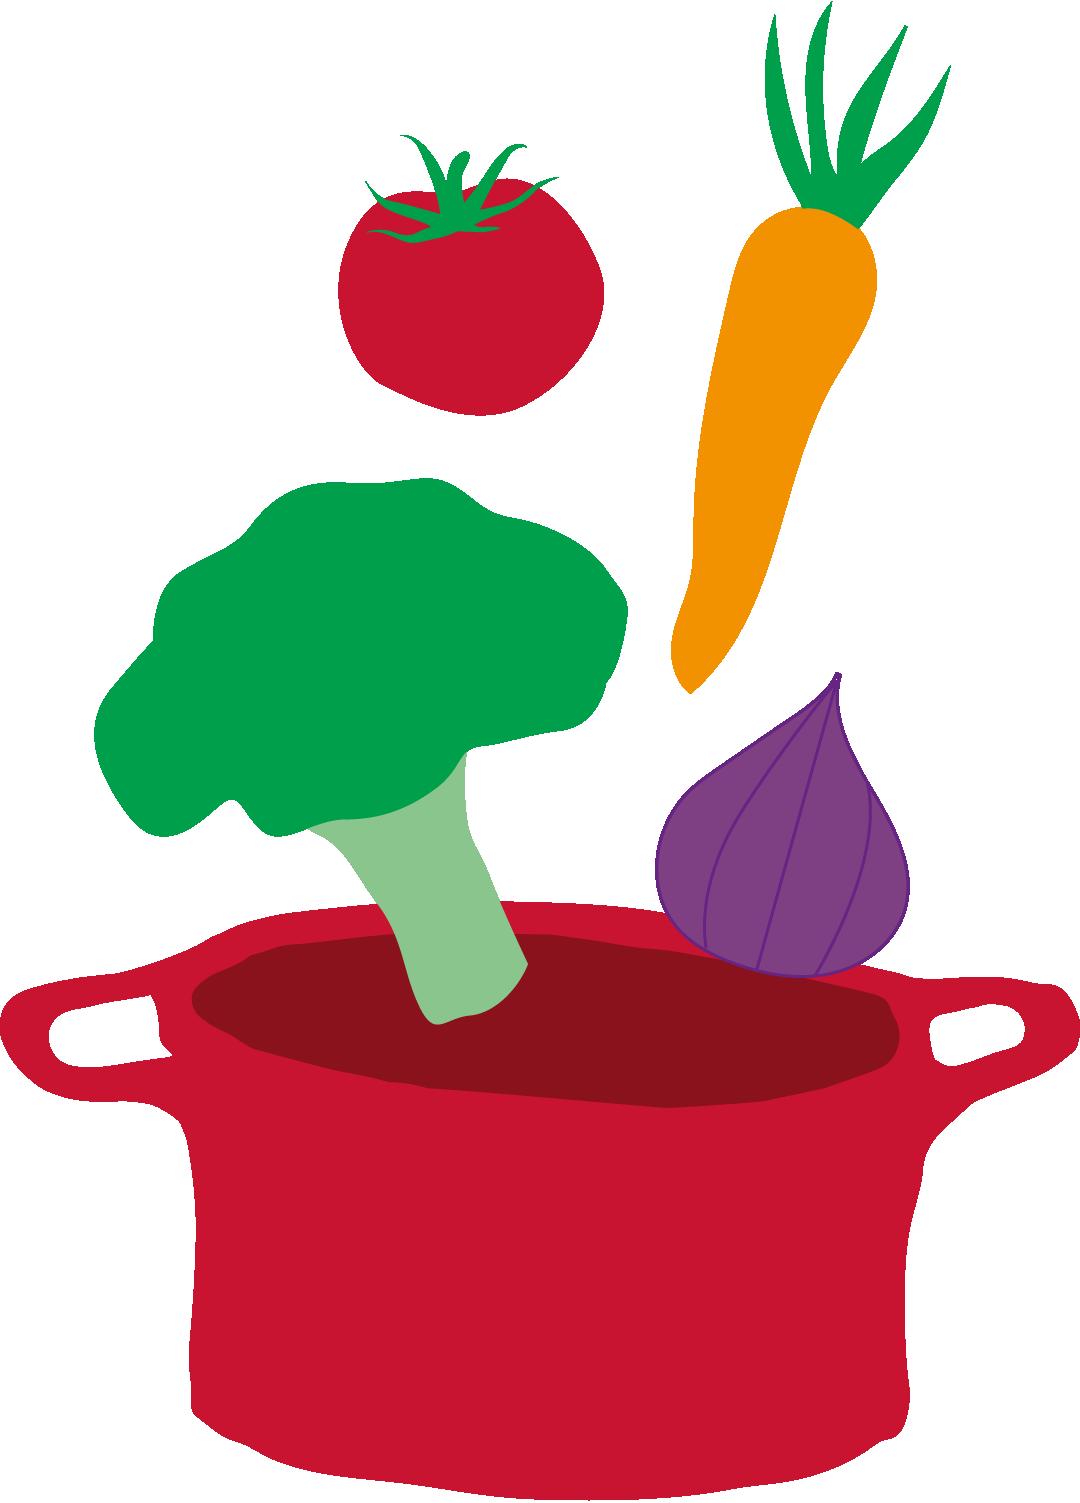 Illustrasjon: Grønsaker som faller i en gryte